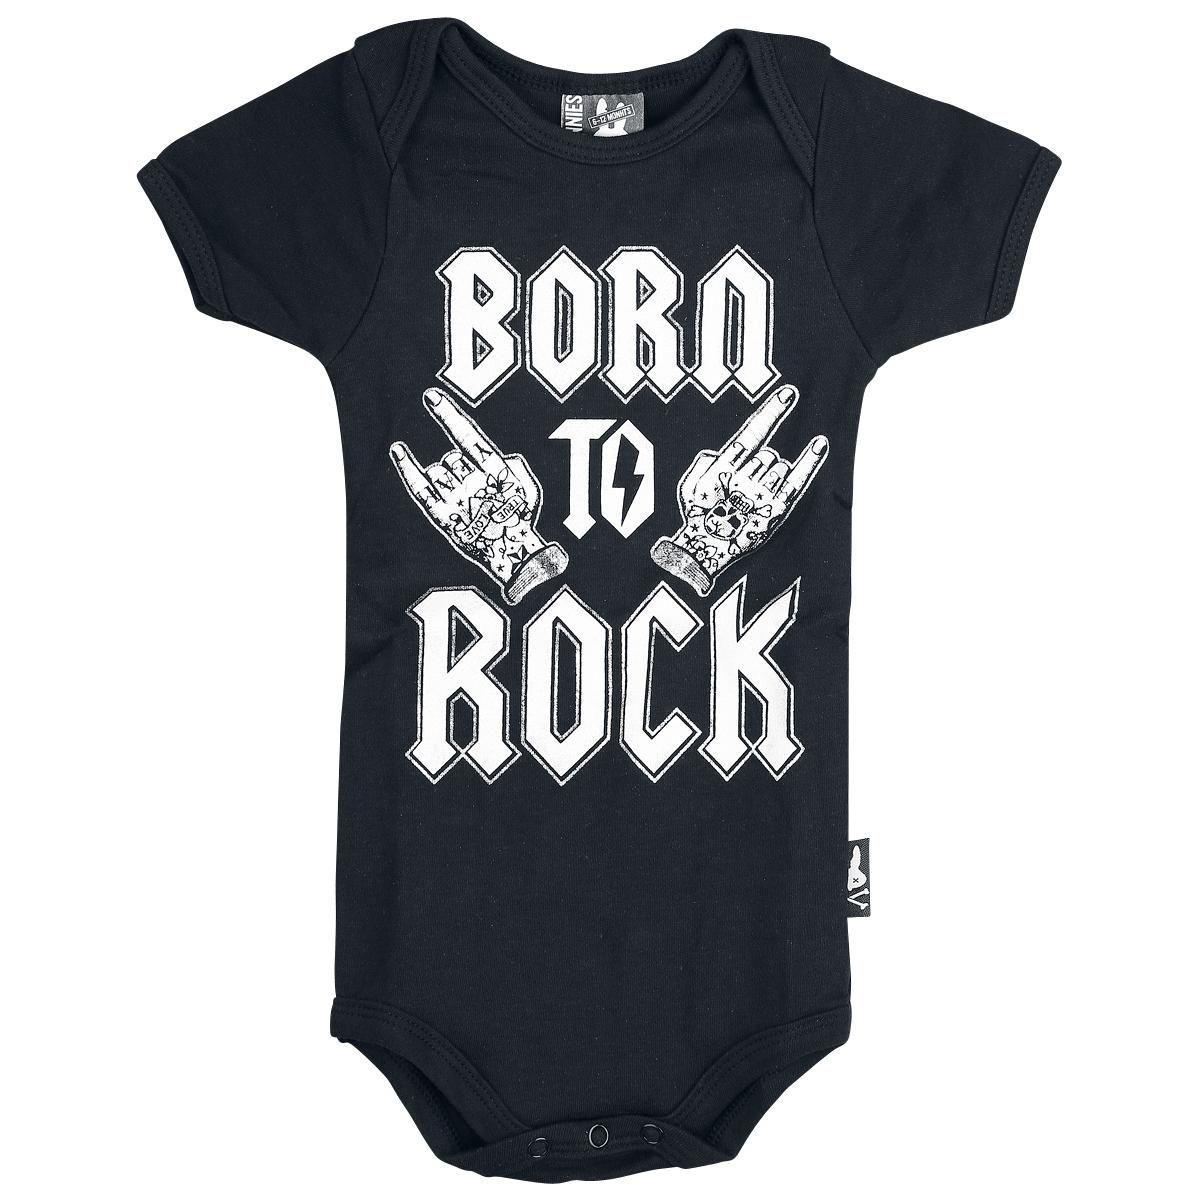 944736a819 Ropa Body bebé Rock Hands $14.99 (euros) en EMP Rock Mailorder España : La  más grande venta por correo de Merchandising Oficial Musica Metal / Hard  rock ...